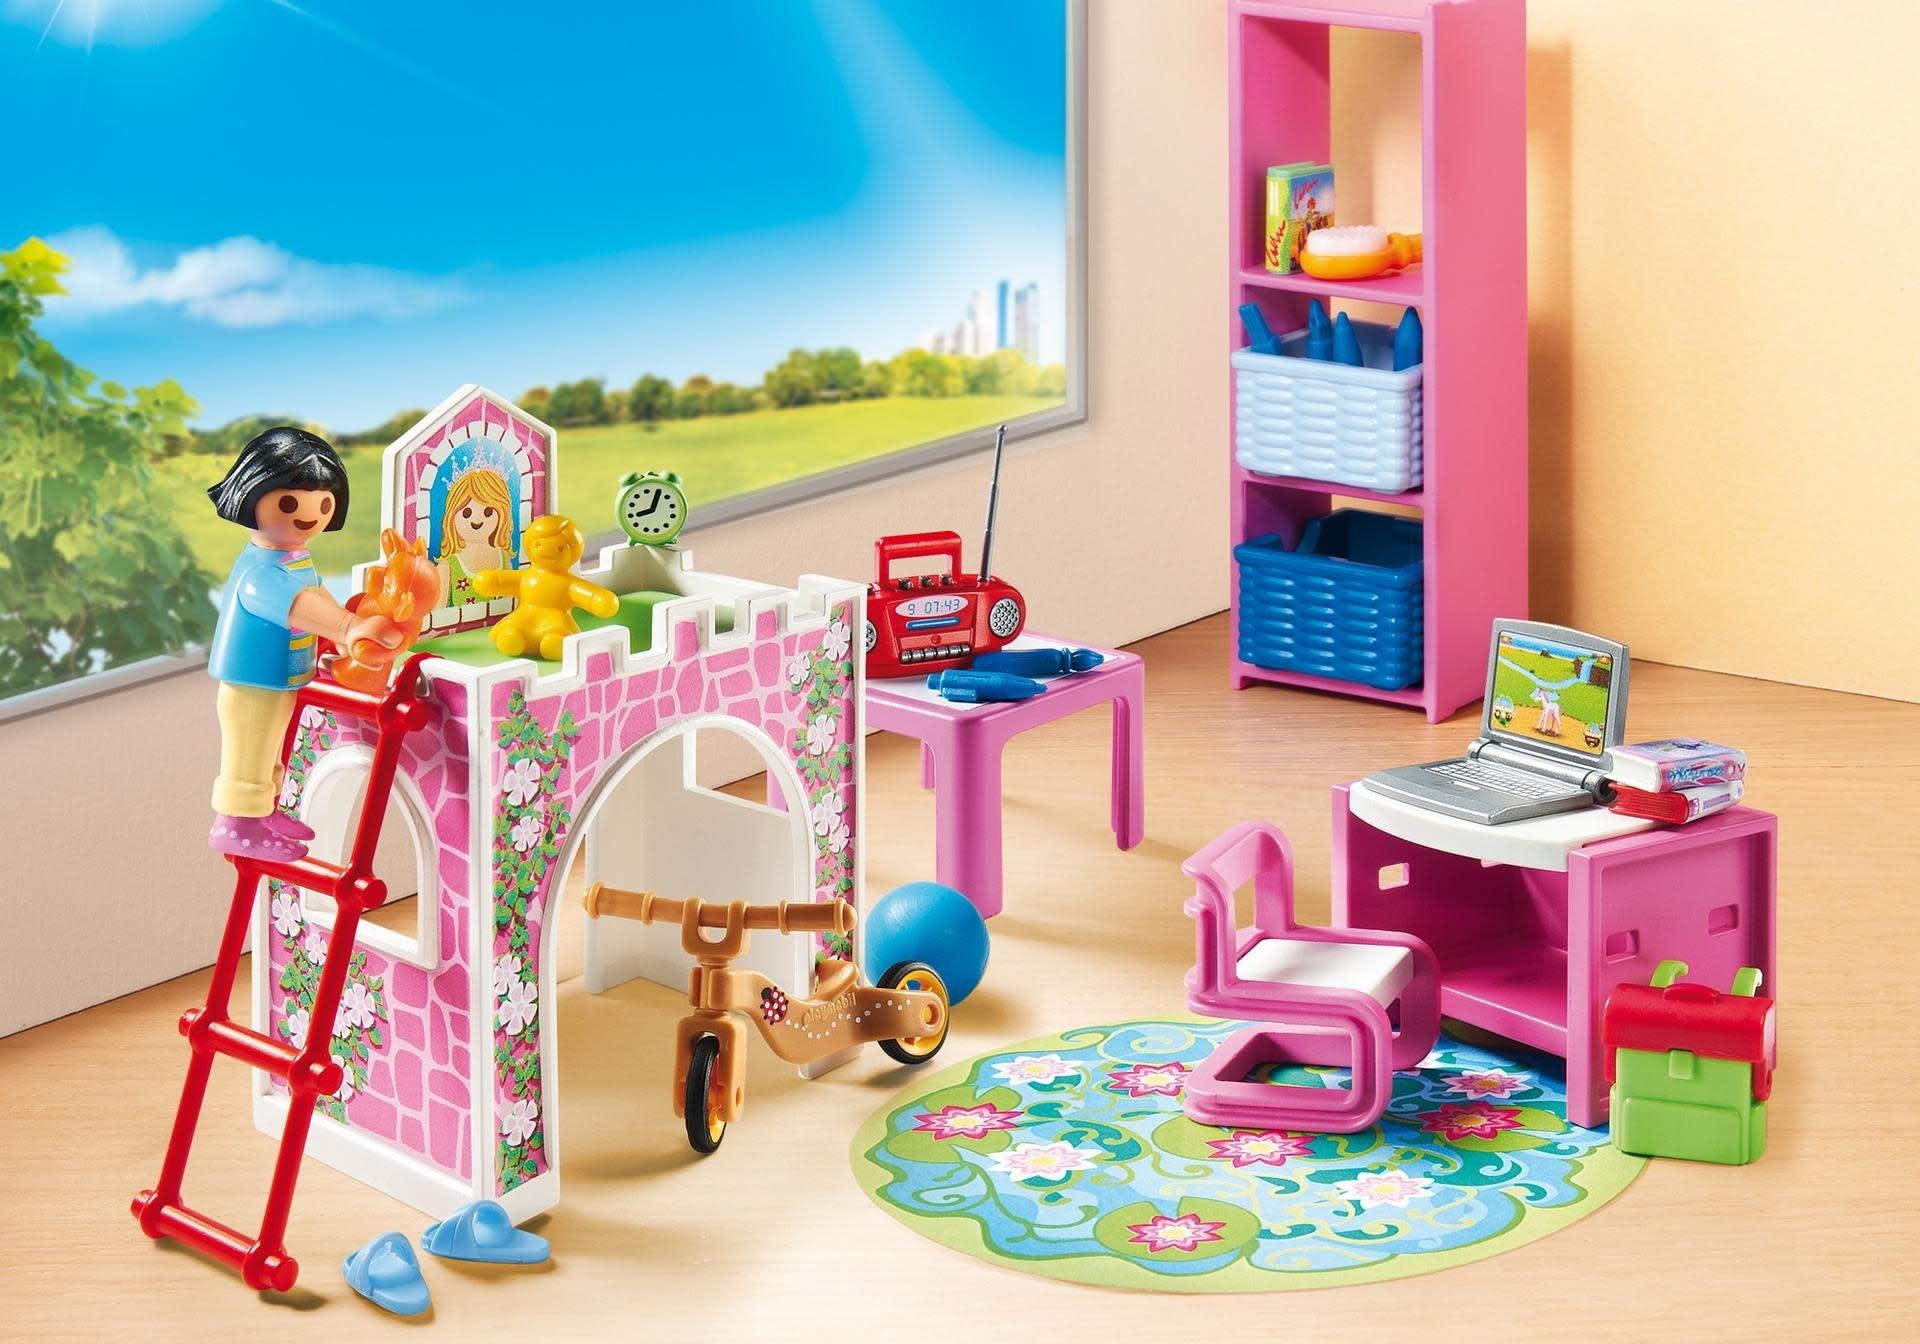 Maison moderne playmobil- la chambre d'enfant est bien arrangée.